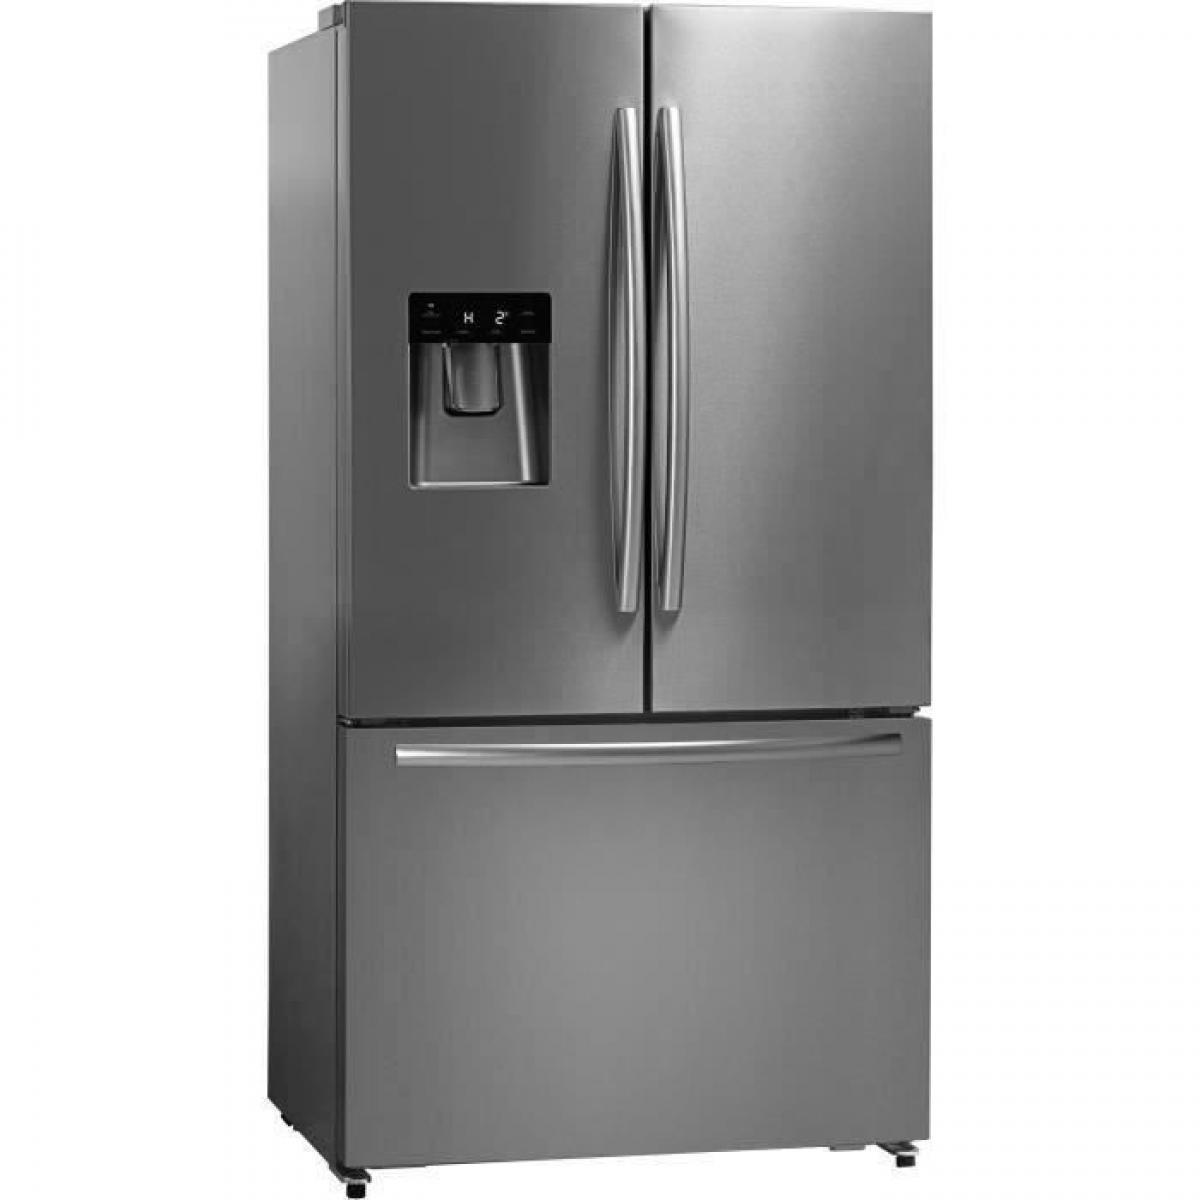 Hisense Hisense RF697N4ZSF - Réfrigérateur multi-portes - 536L (417L + 119L) - froid ventilé total - L91cm x H178cm - Inox